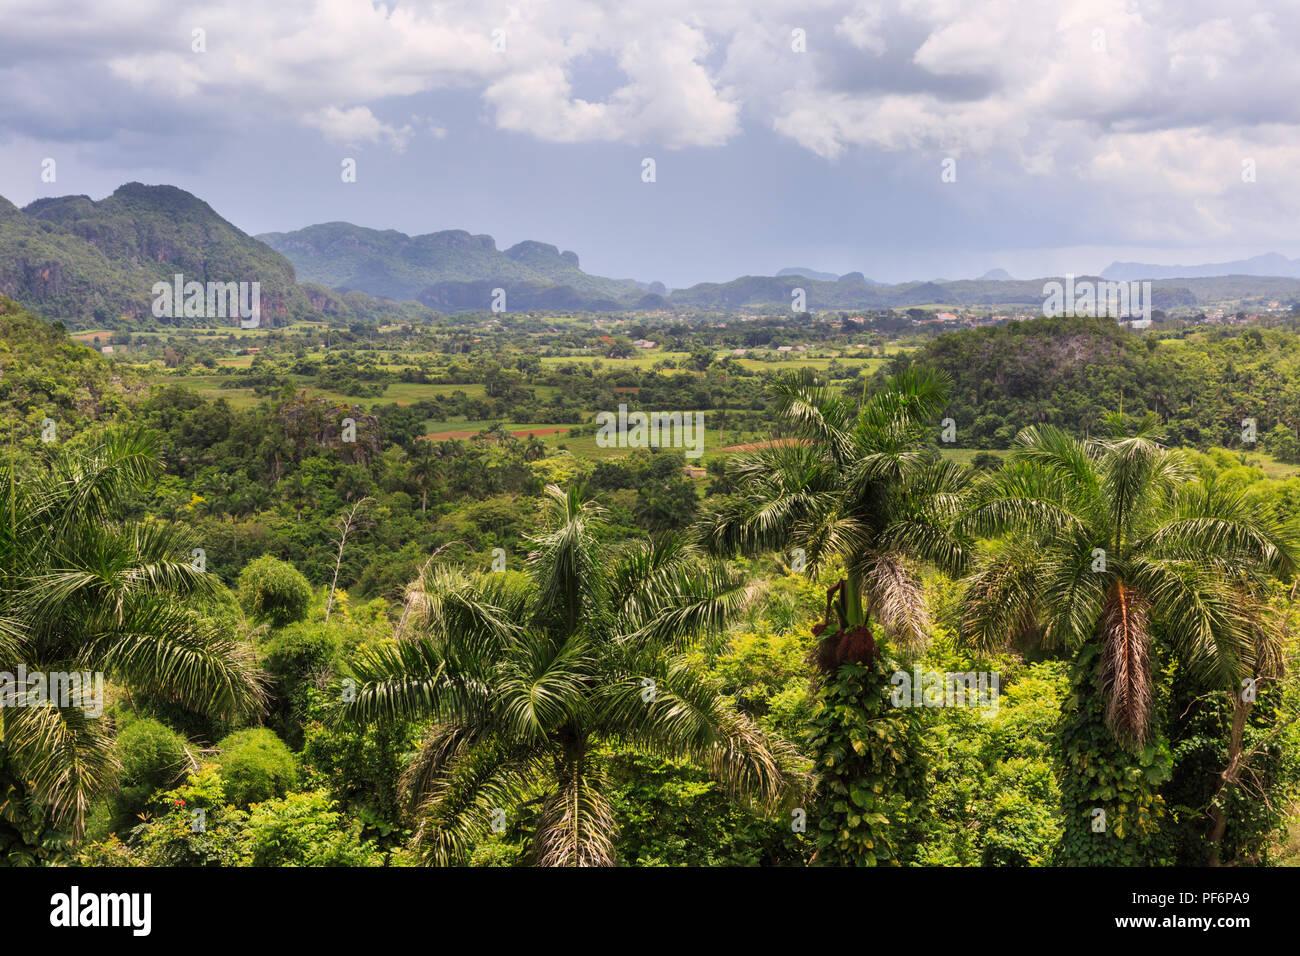 Vallée de Viñales panorama, vue sur paysage luxuriant, province de Pinar del Rio, Cuba Photo Stock